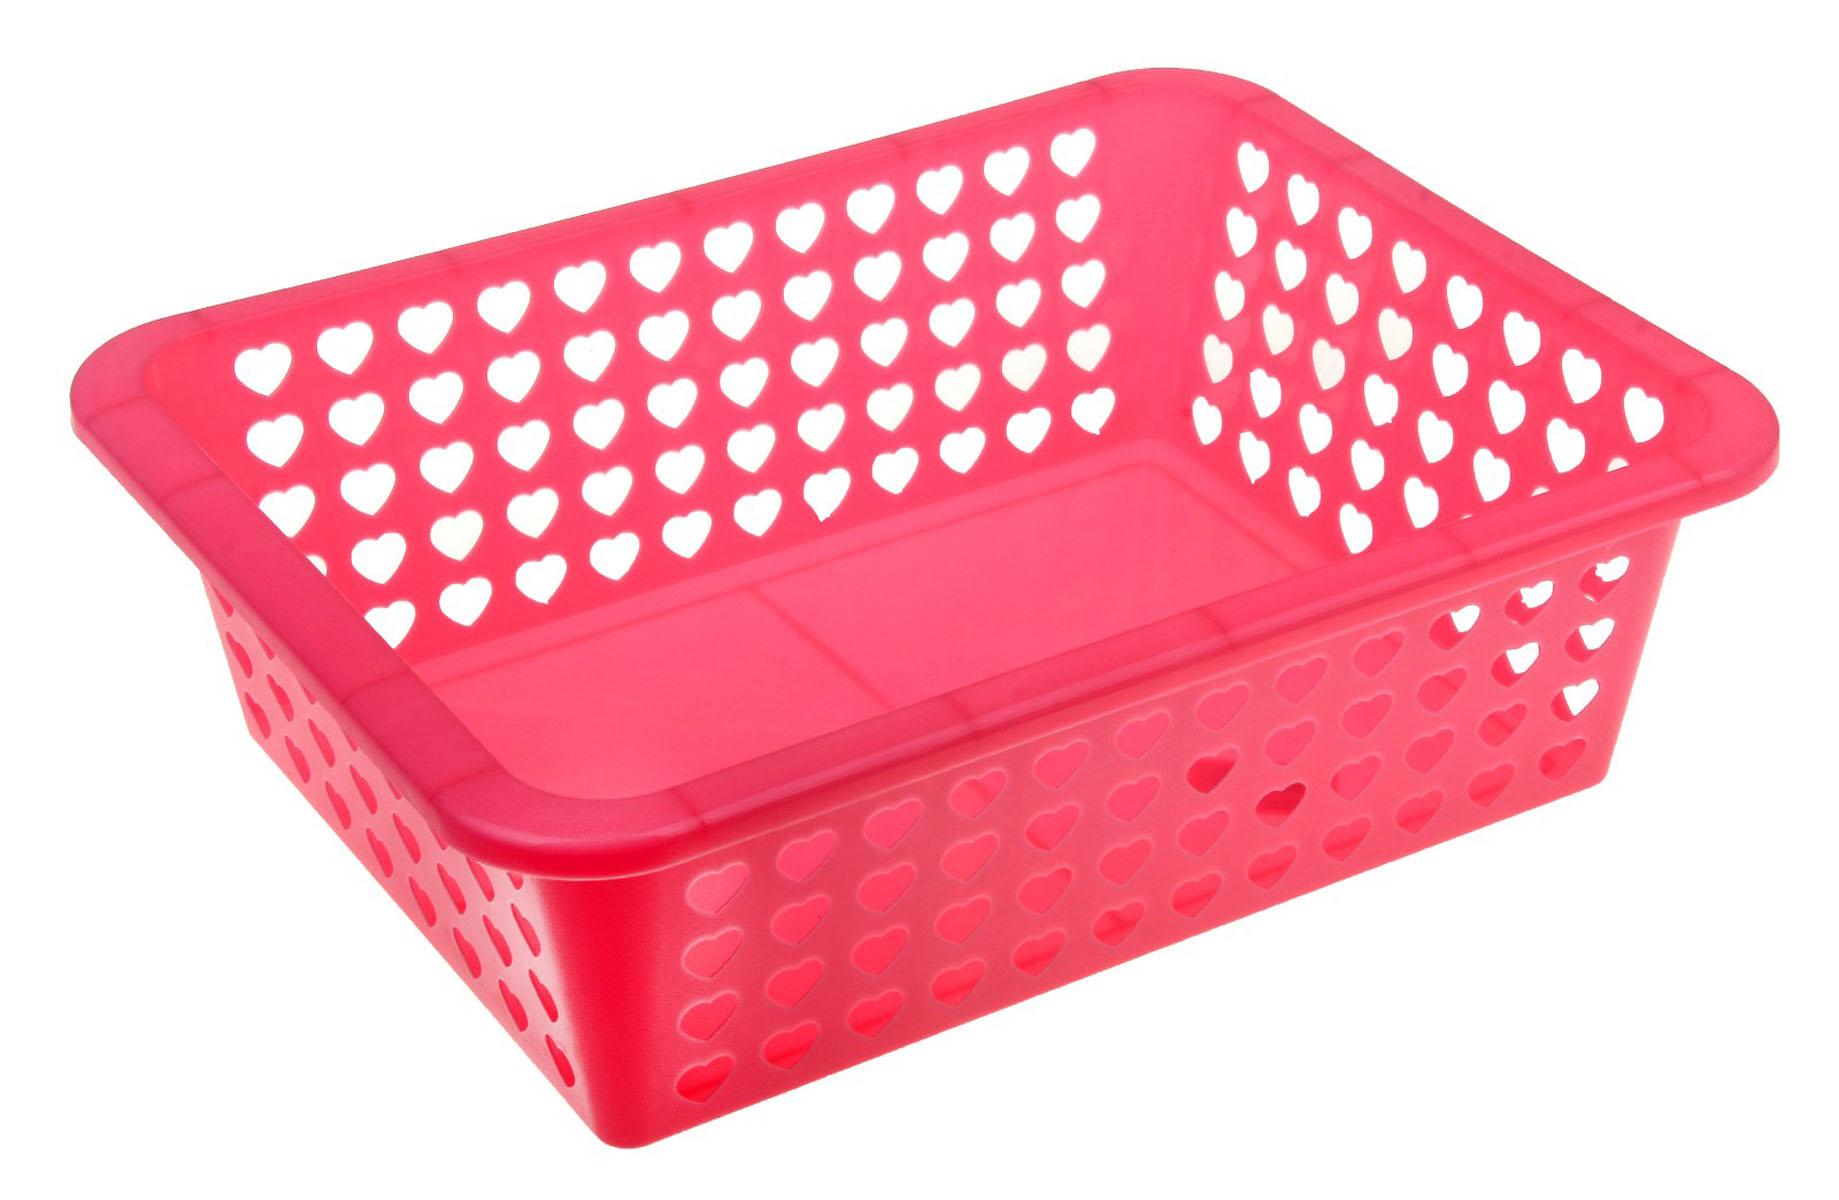 Корзина Альтернатива Вдохновение, цвет: розовый, 39,5 см х 29,7 см х 12 см587074Корзина Альтернатива Вдохновение выполнена из пластика и оформлена перфорацией в виде сердечек. Изделие имеет сплошное дно и жесткую кромку. Корзина предназначена для хранения мелочей в ванной, на кухне, на даче или в гараже. Позволяет хранить мелкие вещи, исключая возможность их потери.